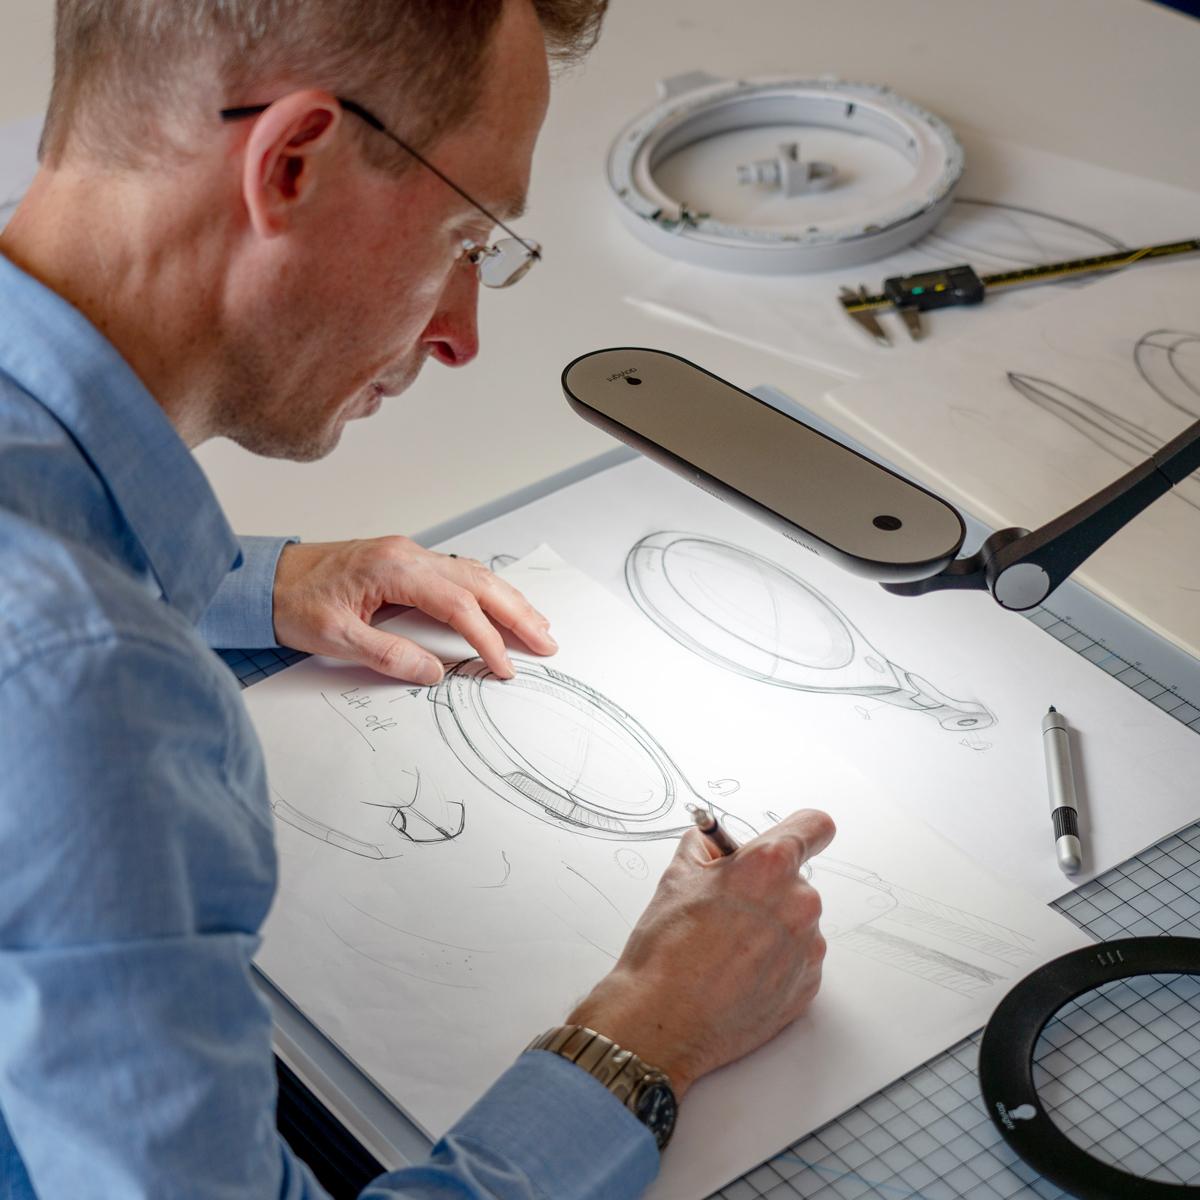 海外では手芸教室や美容サロン、研究室、工場の検査工程といった、多くの業務用ライトとして使用されている。コードレスで使えて、隙間に収納できる!手元を大きく・明るく照らすルーペ付き太陽光LEDの「デスクライト」|daylight - Halo Go